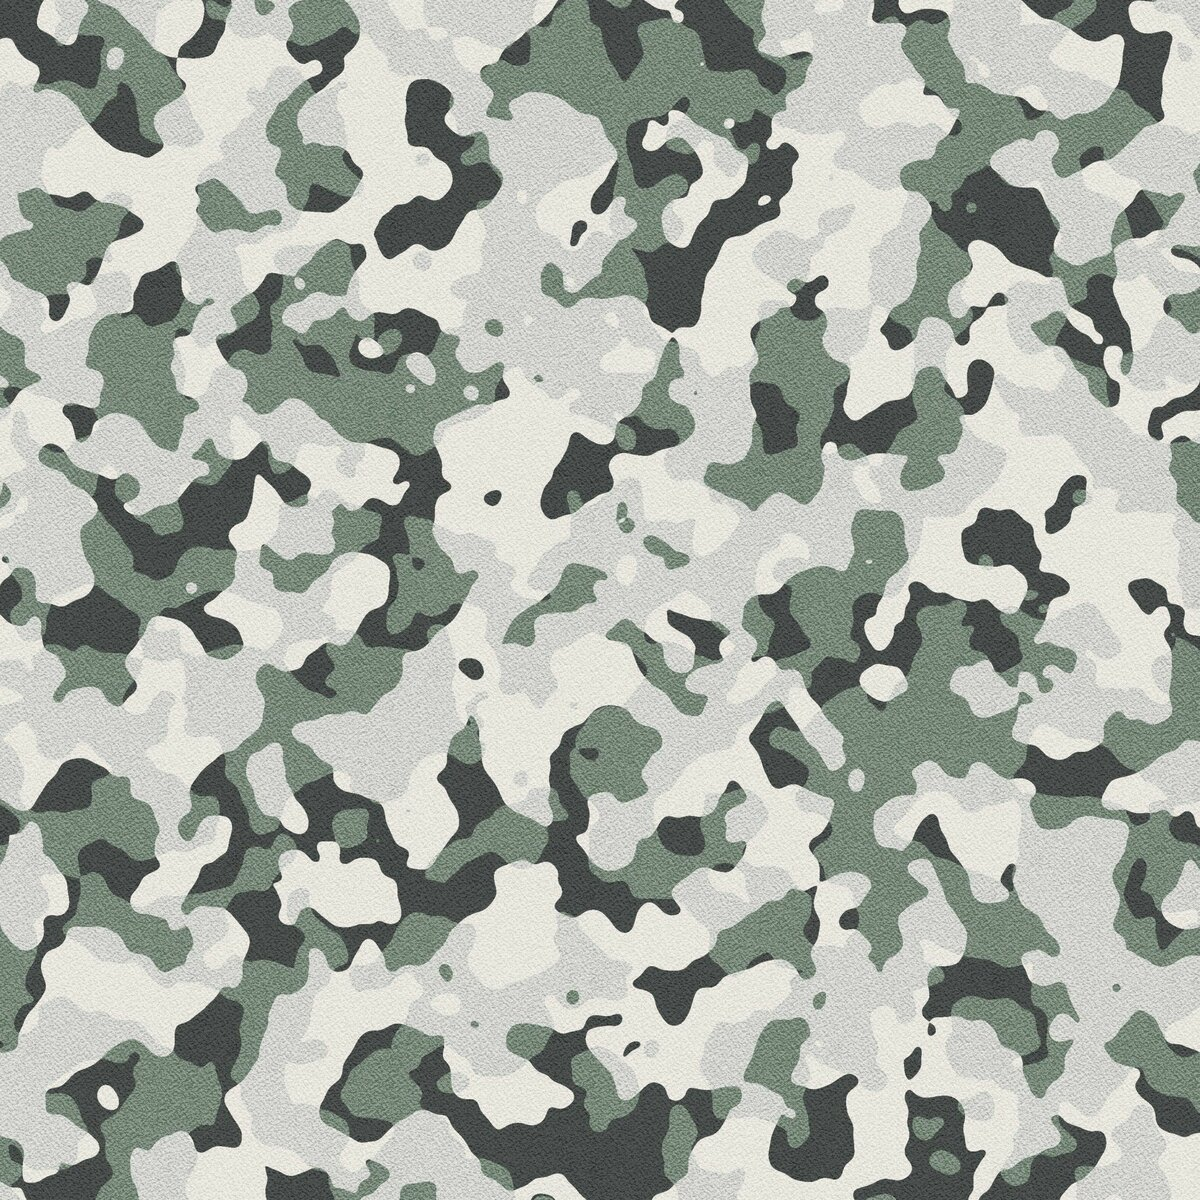 Картинки военный камуфляж